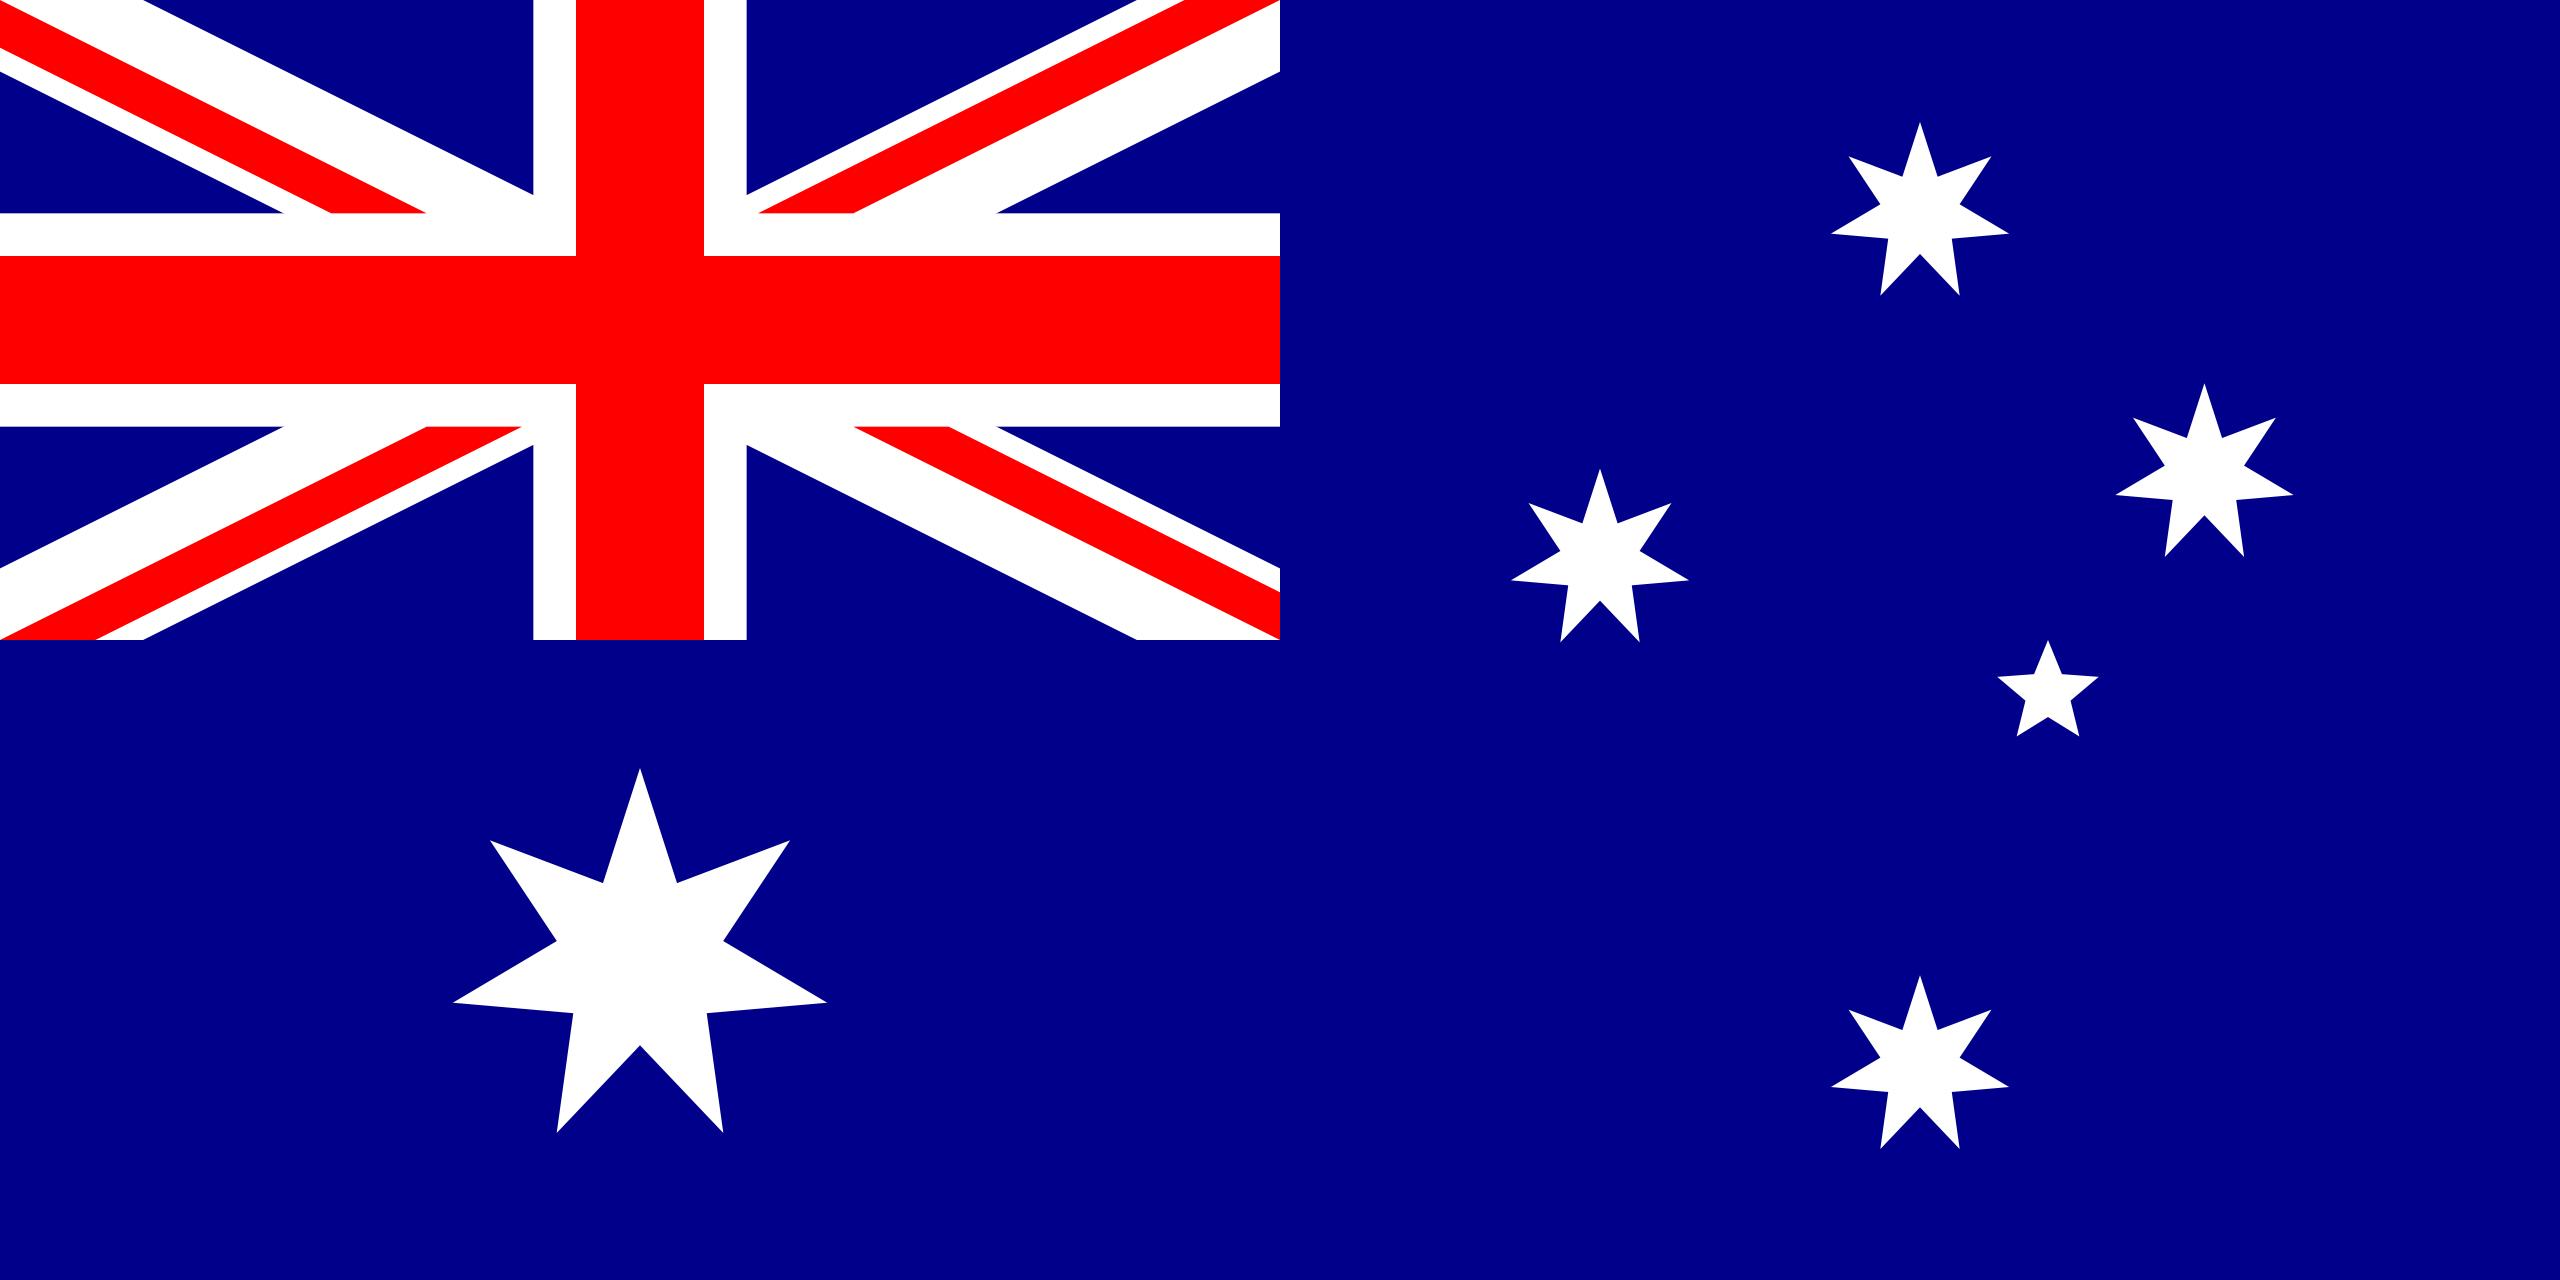 Austrália, país, Brasão de armas, logotipo, símbolo - Papéis de parede HD - Professor-falken.com